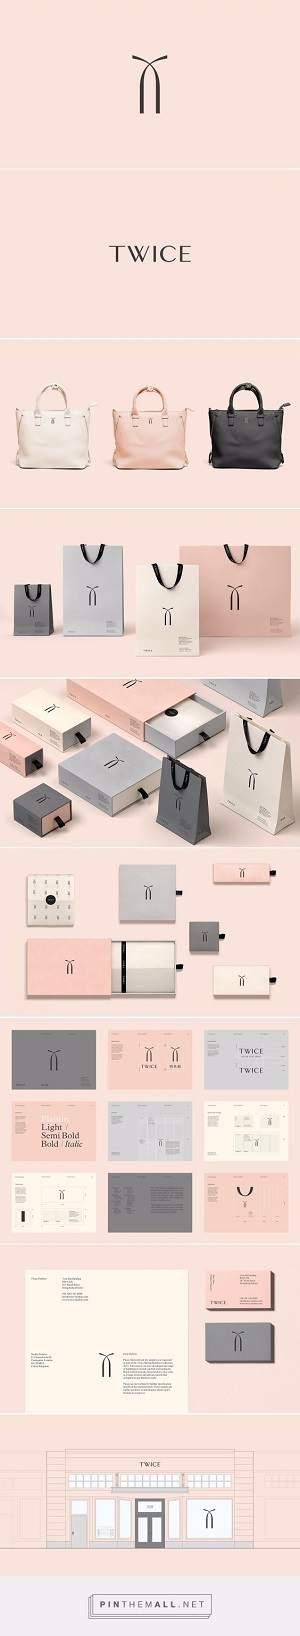 logo-per-accessori-da-donna